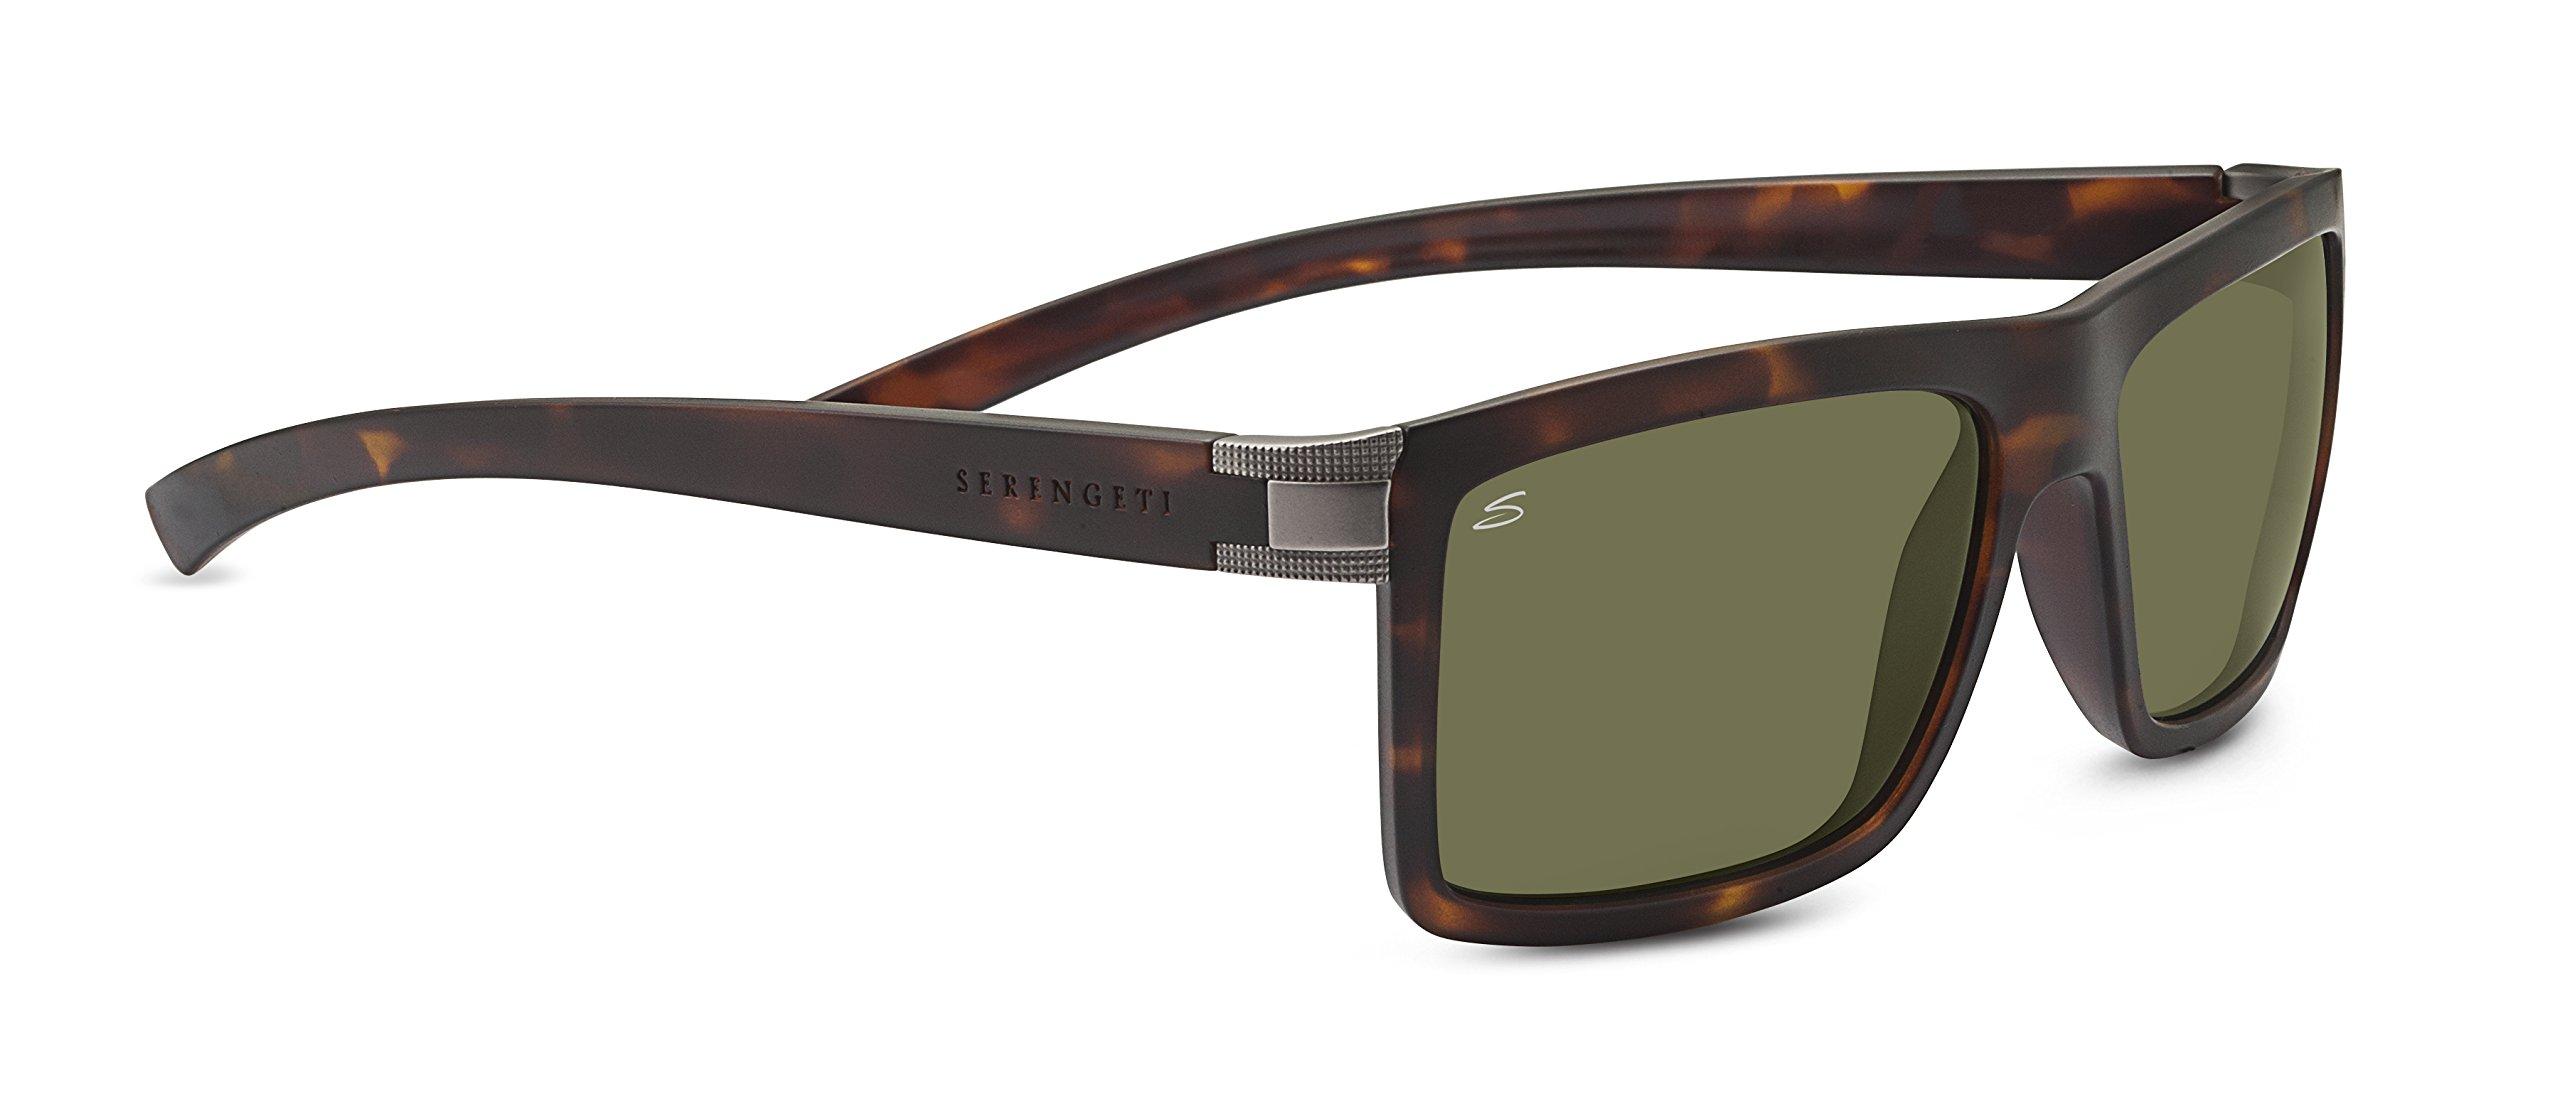 Serengeti 7929 Brera, Sanded Tortoise Frame, Polarized 555nm Lens